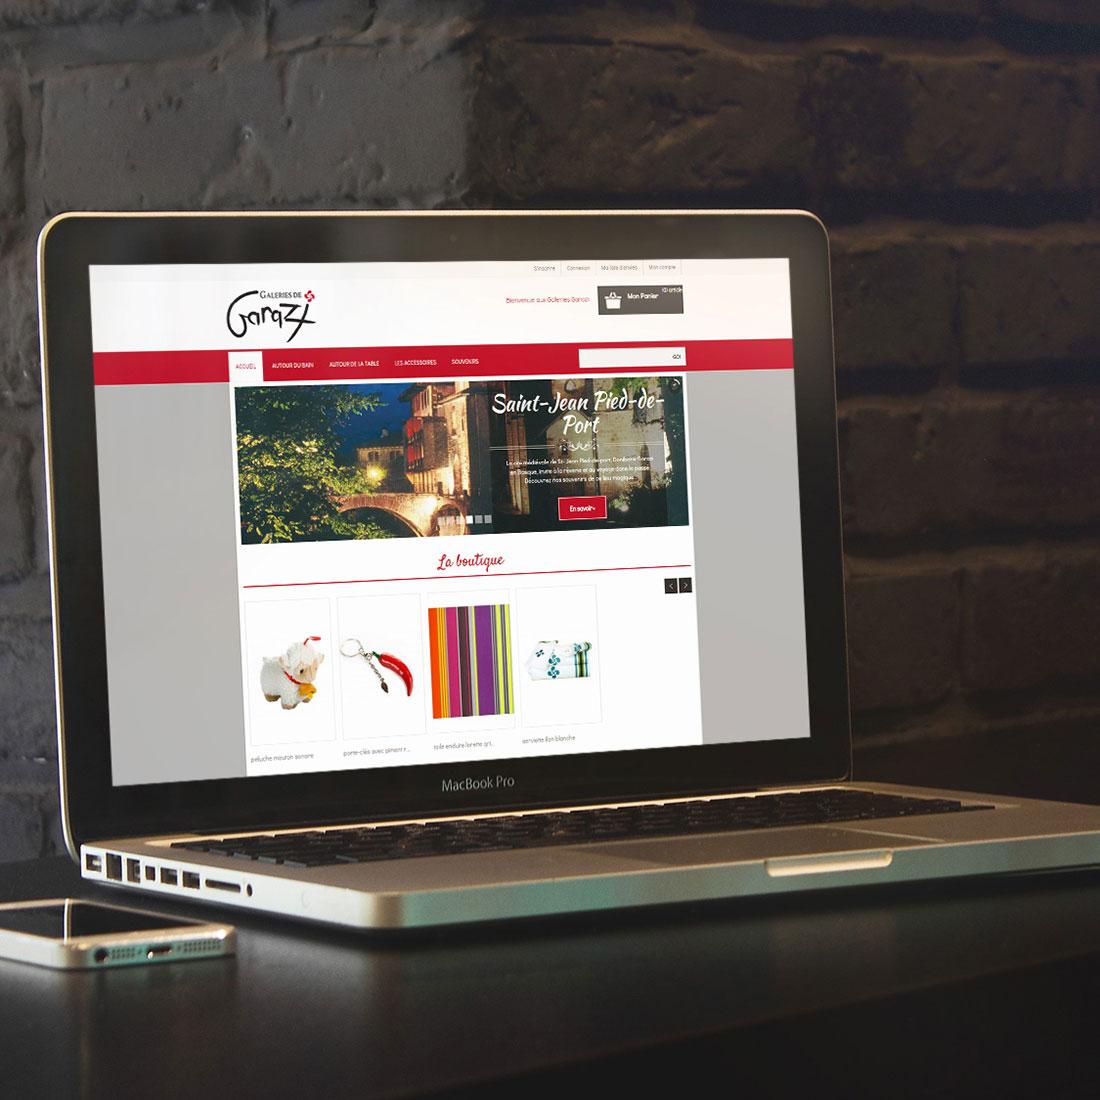 Galeries de Garazi : Création du site e-commerce